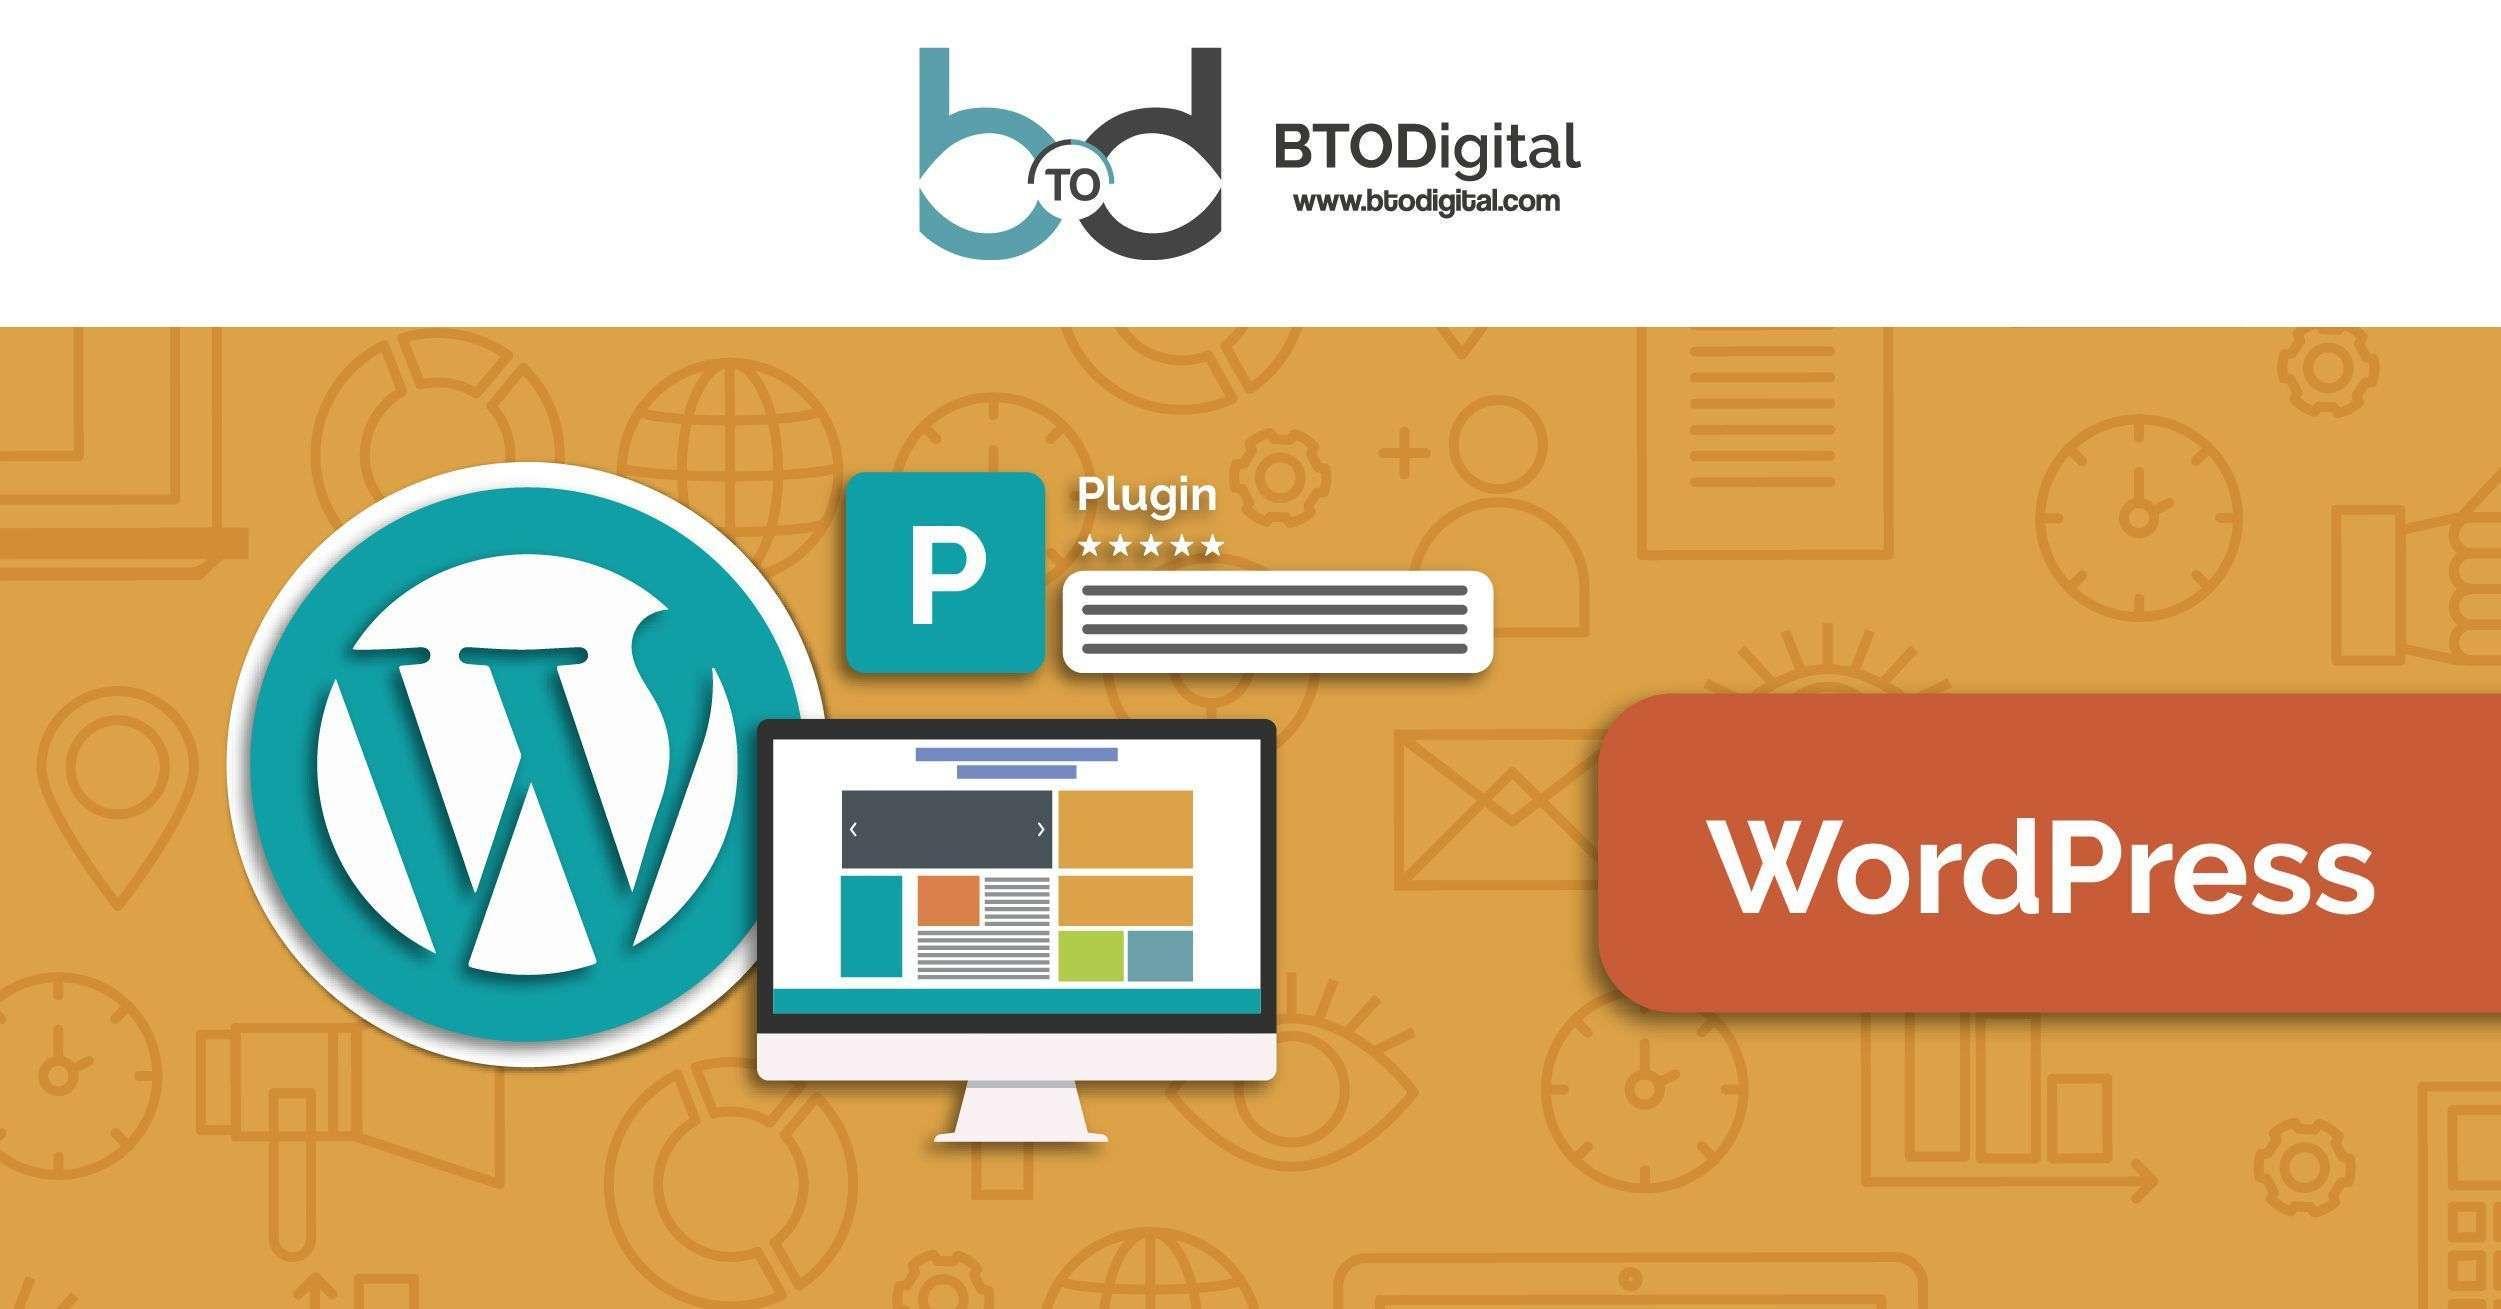 curso de wordpress en Medellín - BTODigital